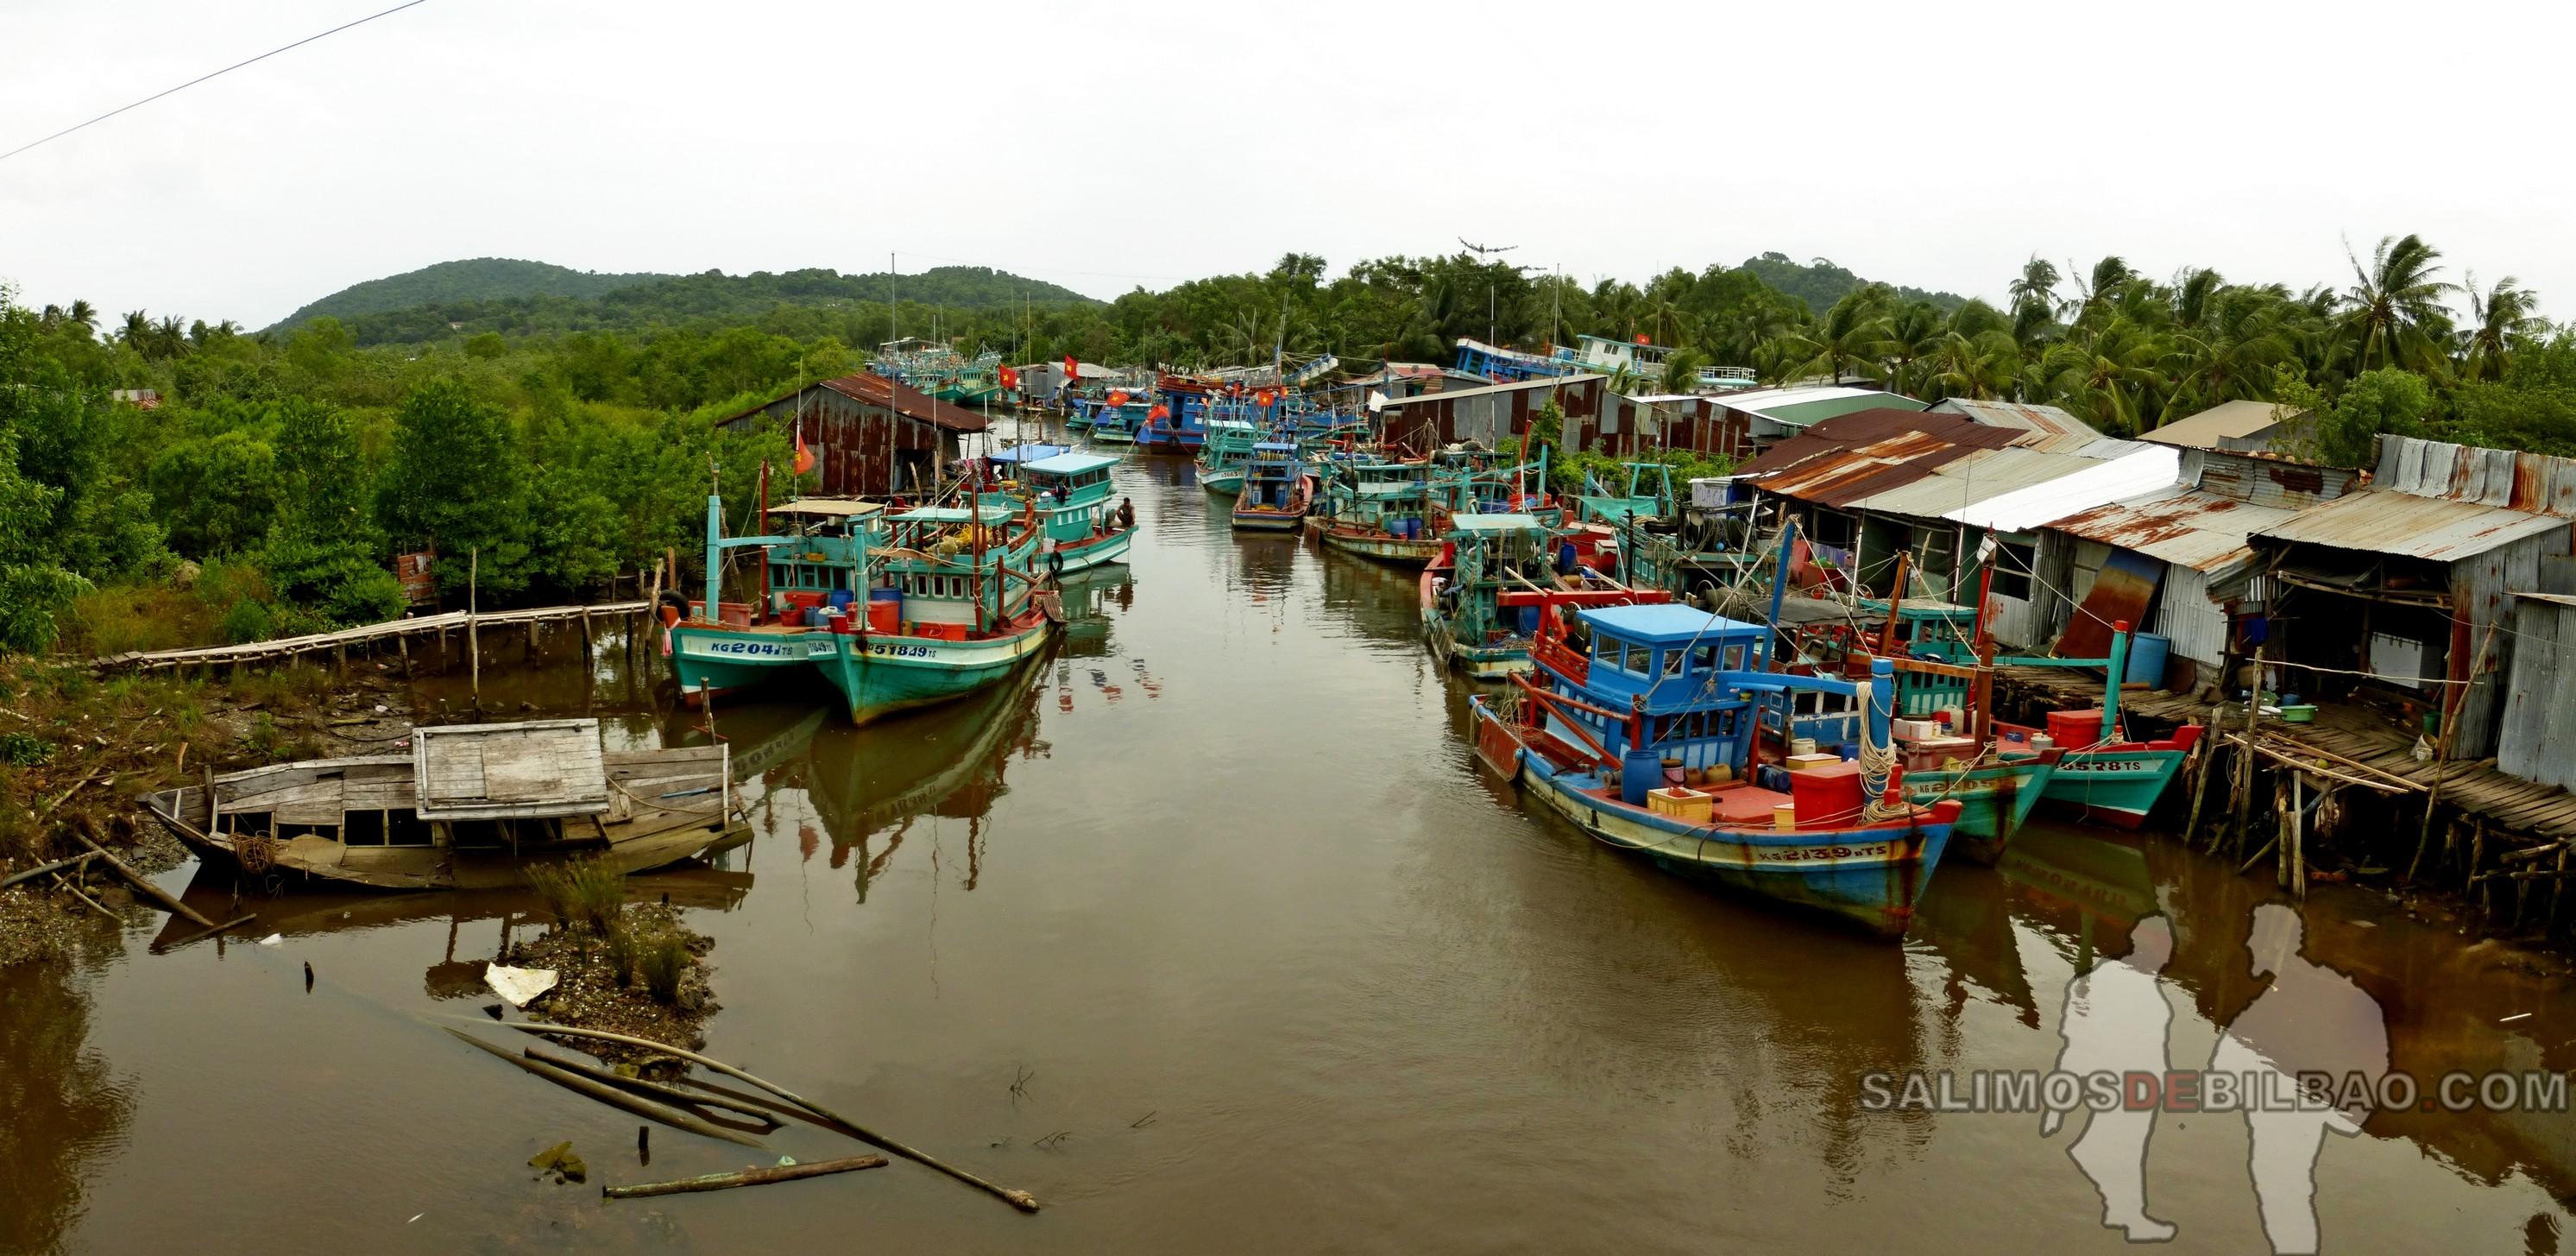 0118. Pano, Phu Quoc